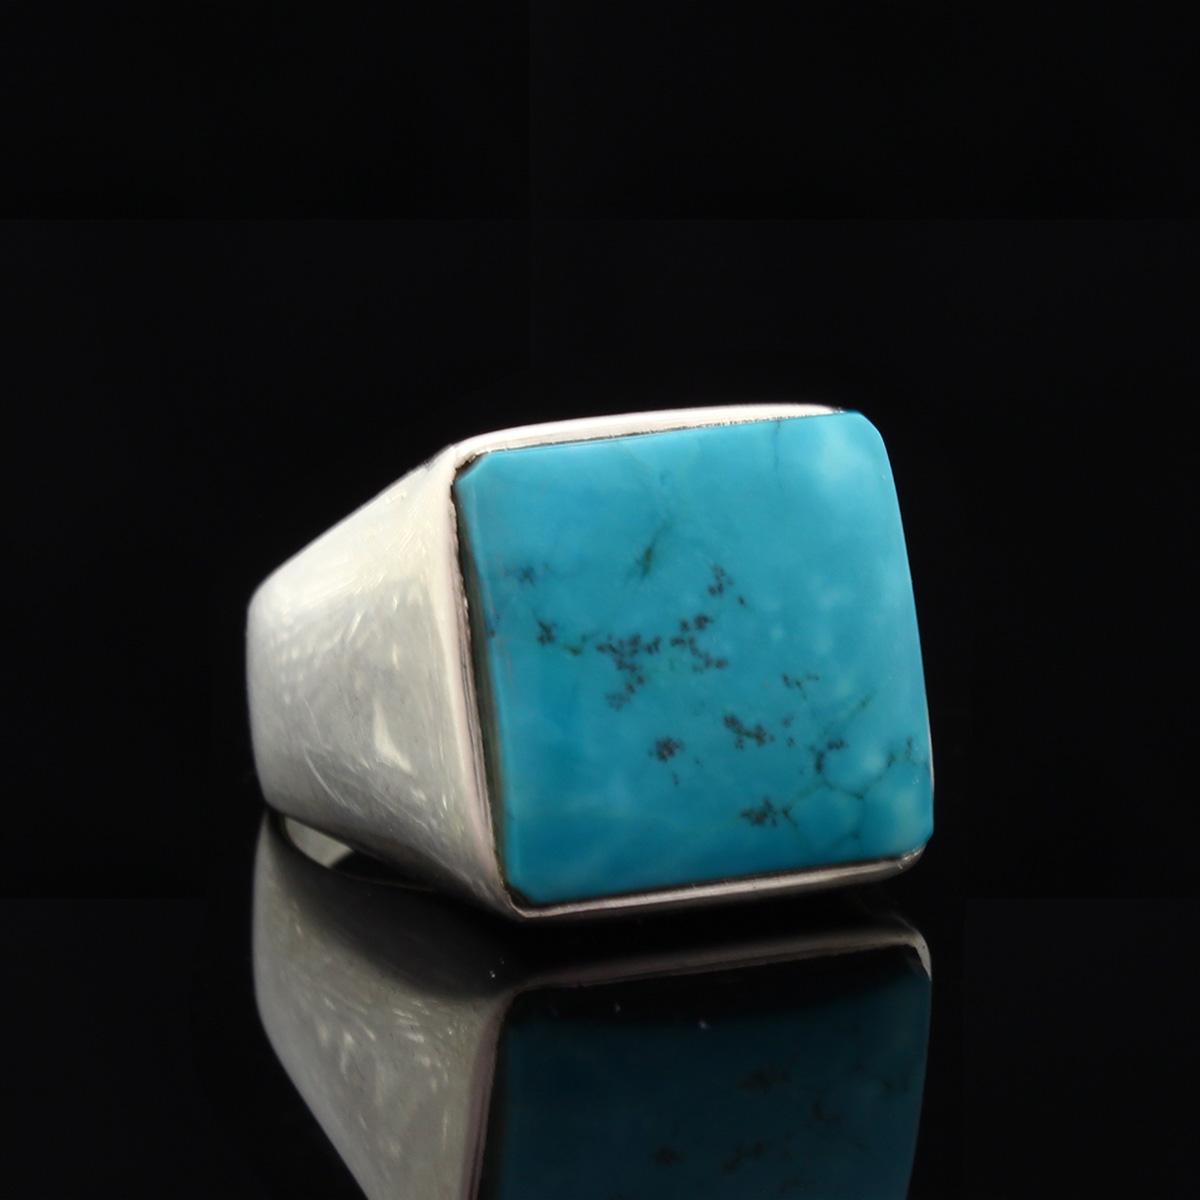 Кольцо, серебро, натуральный камень, Бирюза, 9.3 г, проба 875, размер 18.5